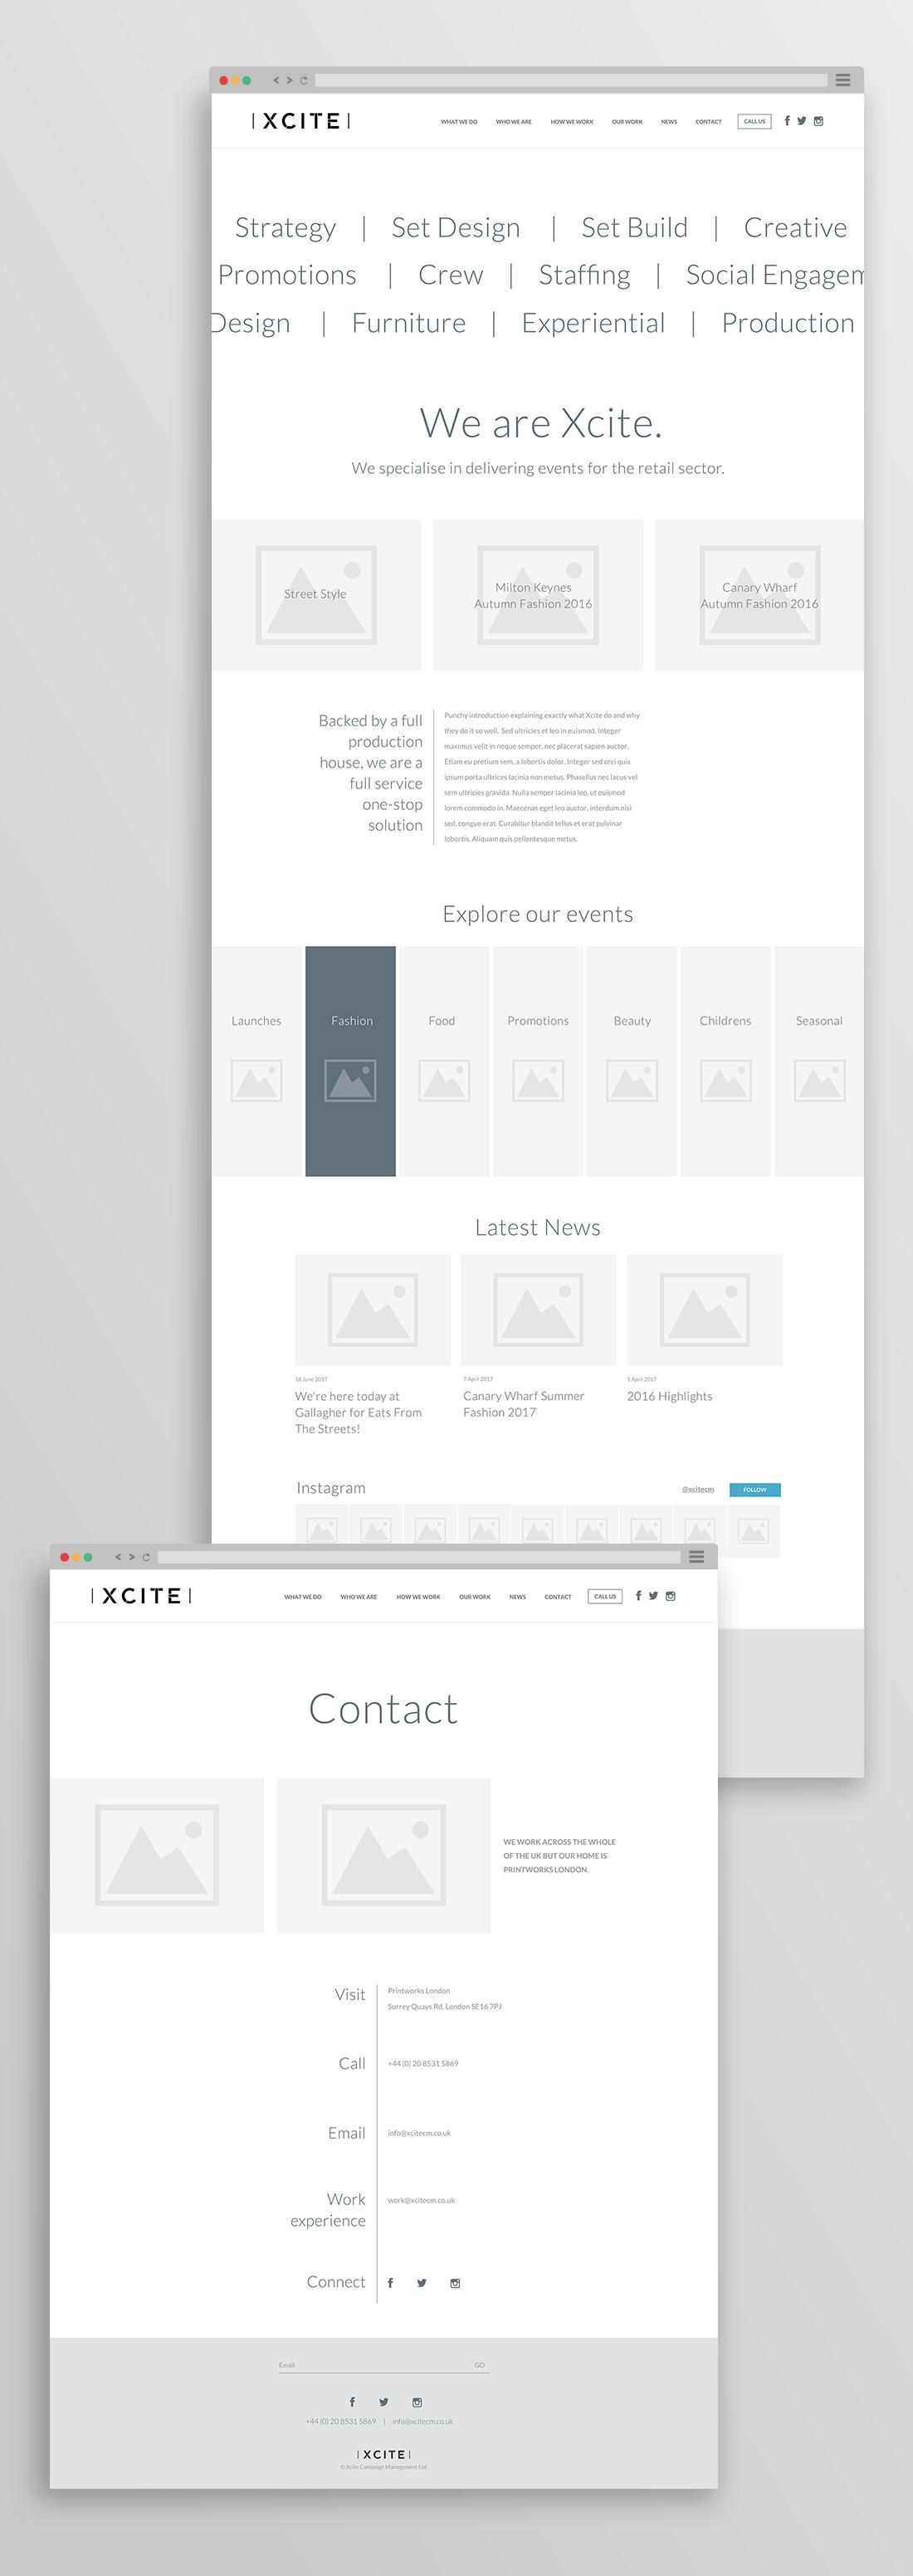 TinyBeastDesign-Xcite-UX